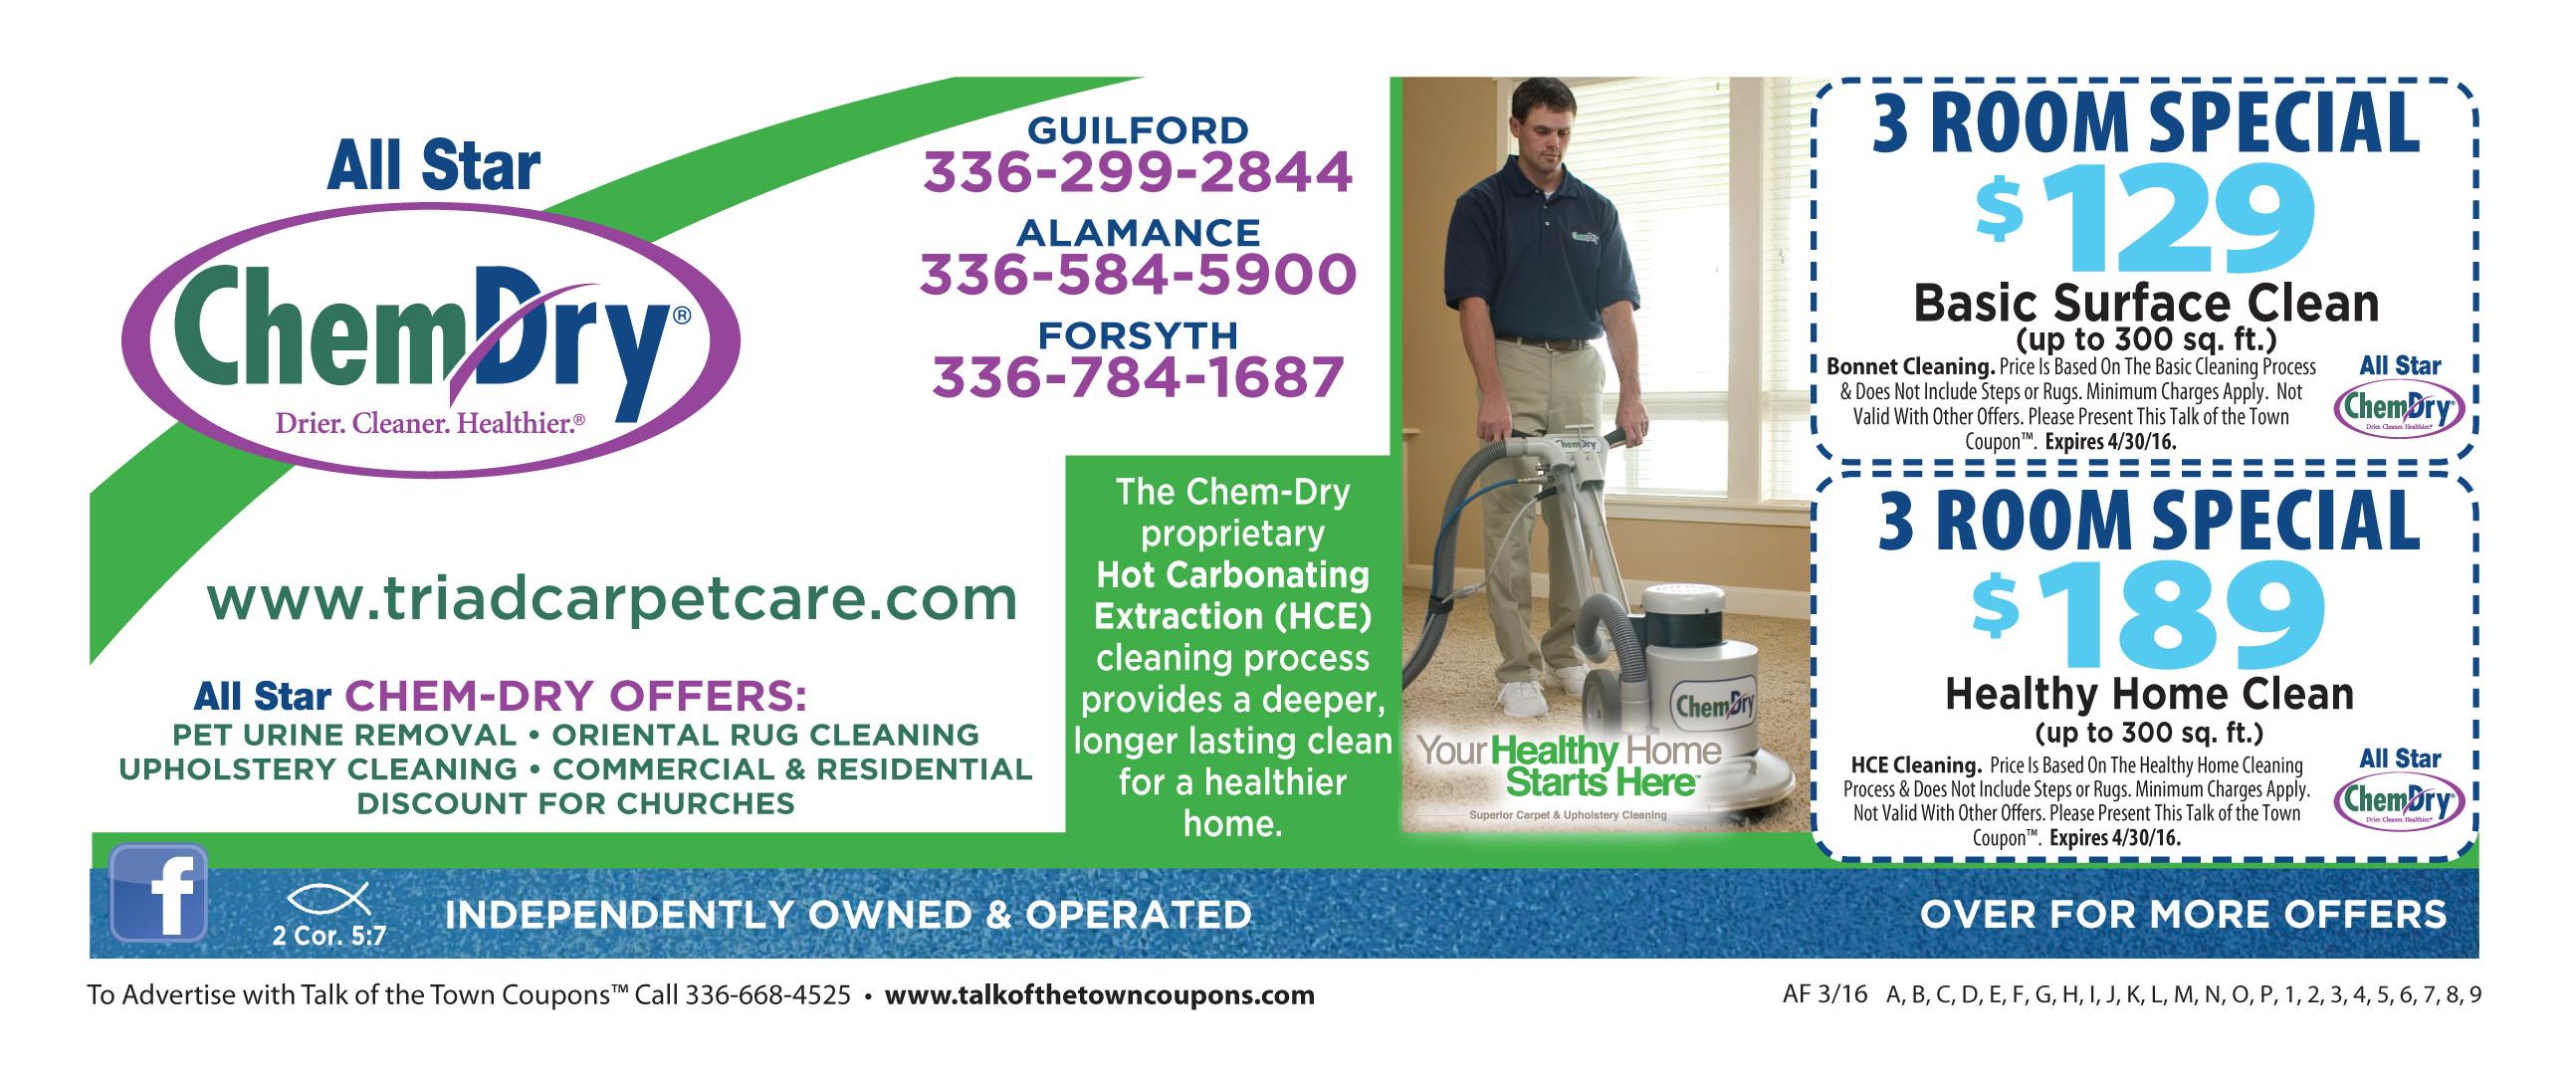 Biolife Coupons Greensboro Nc Vision Direct Coupon 30 Off